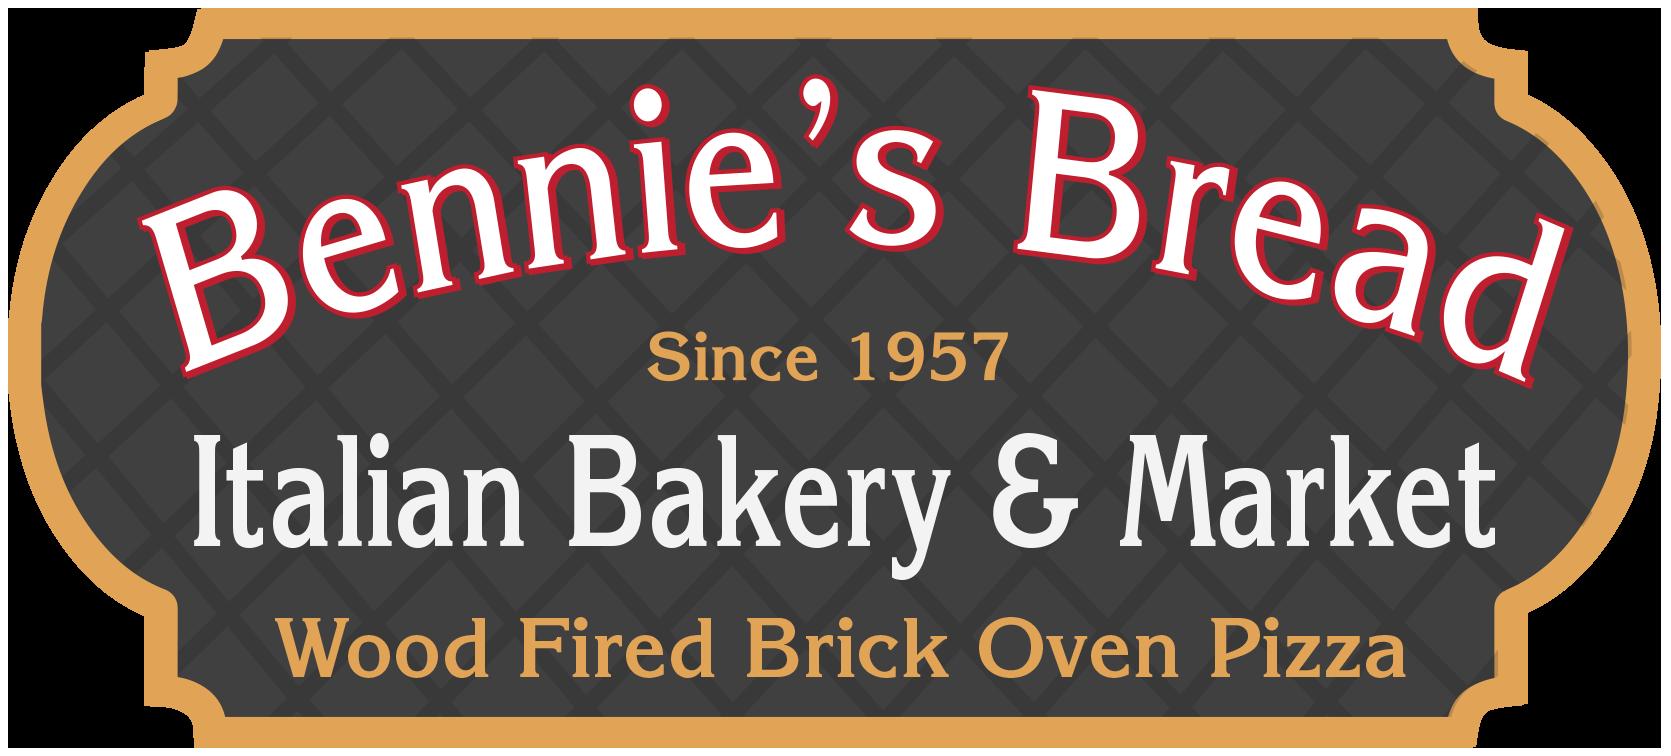 Bennie's Bread